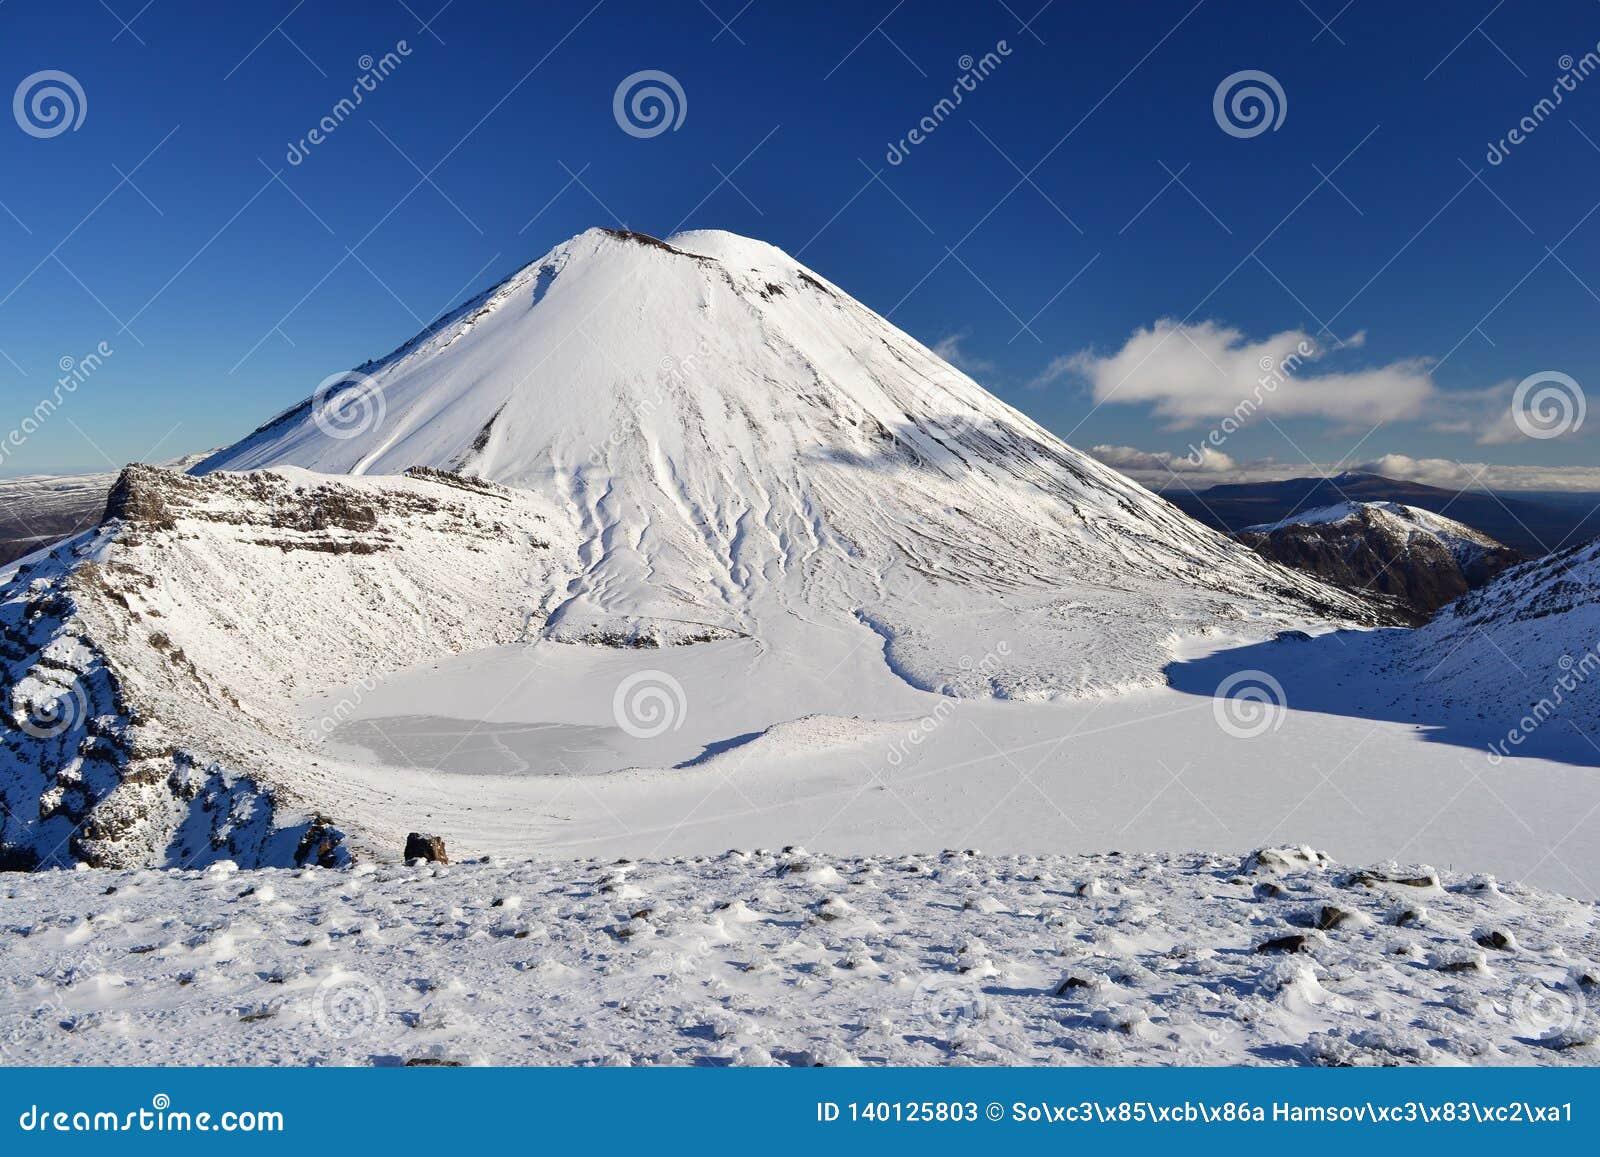 Zet Noodlot in de sneeuw, de winterlandschap in het nationale park van Tongariro op